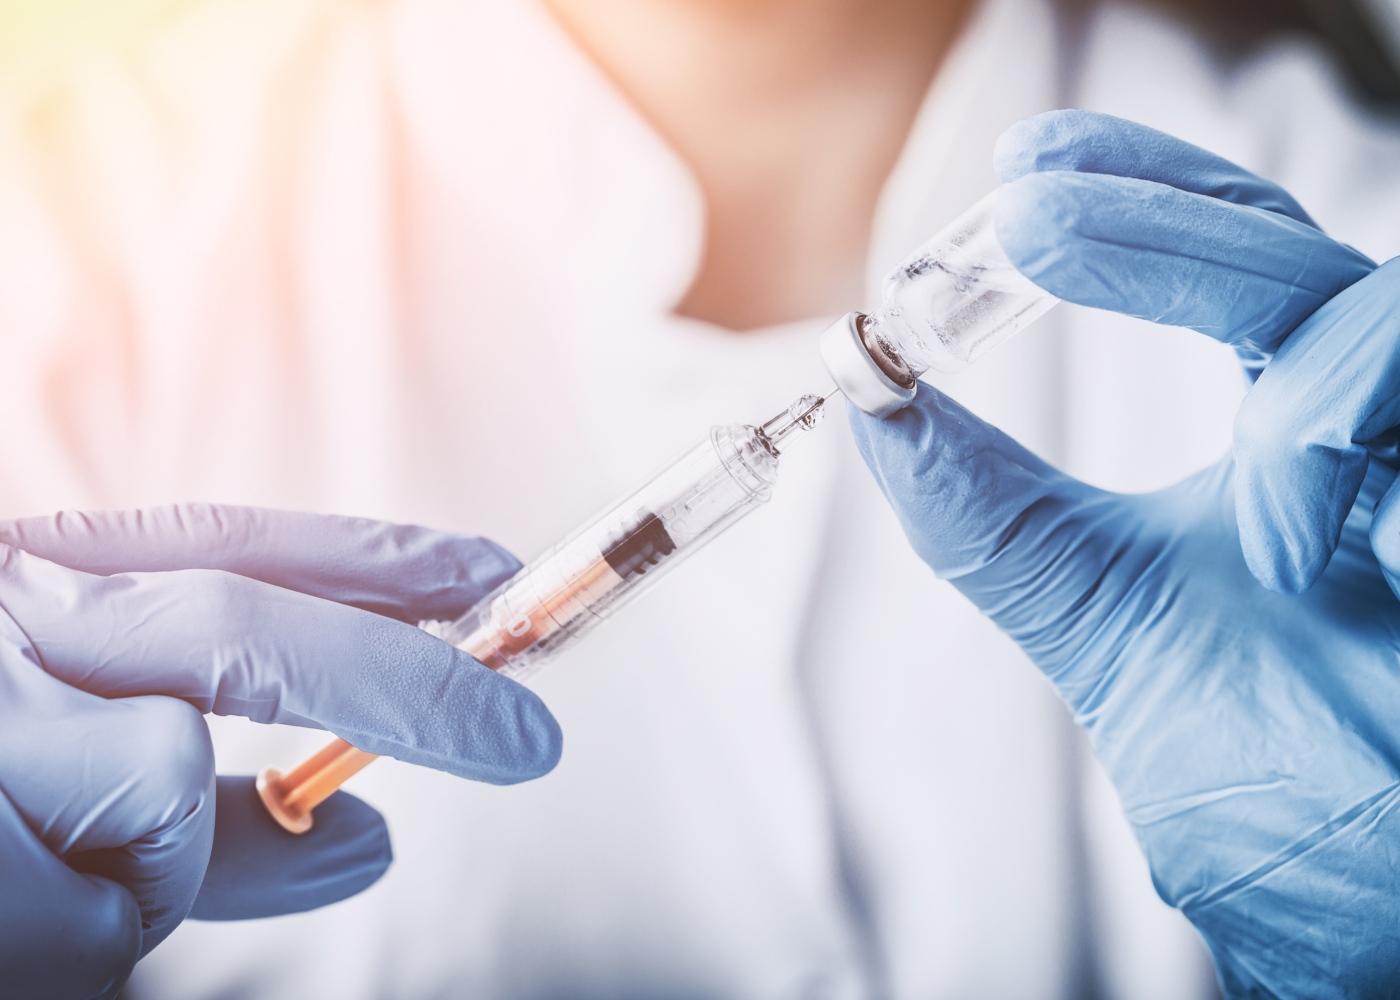 Médica a dar medicamento a doente internado por via intravenosa